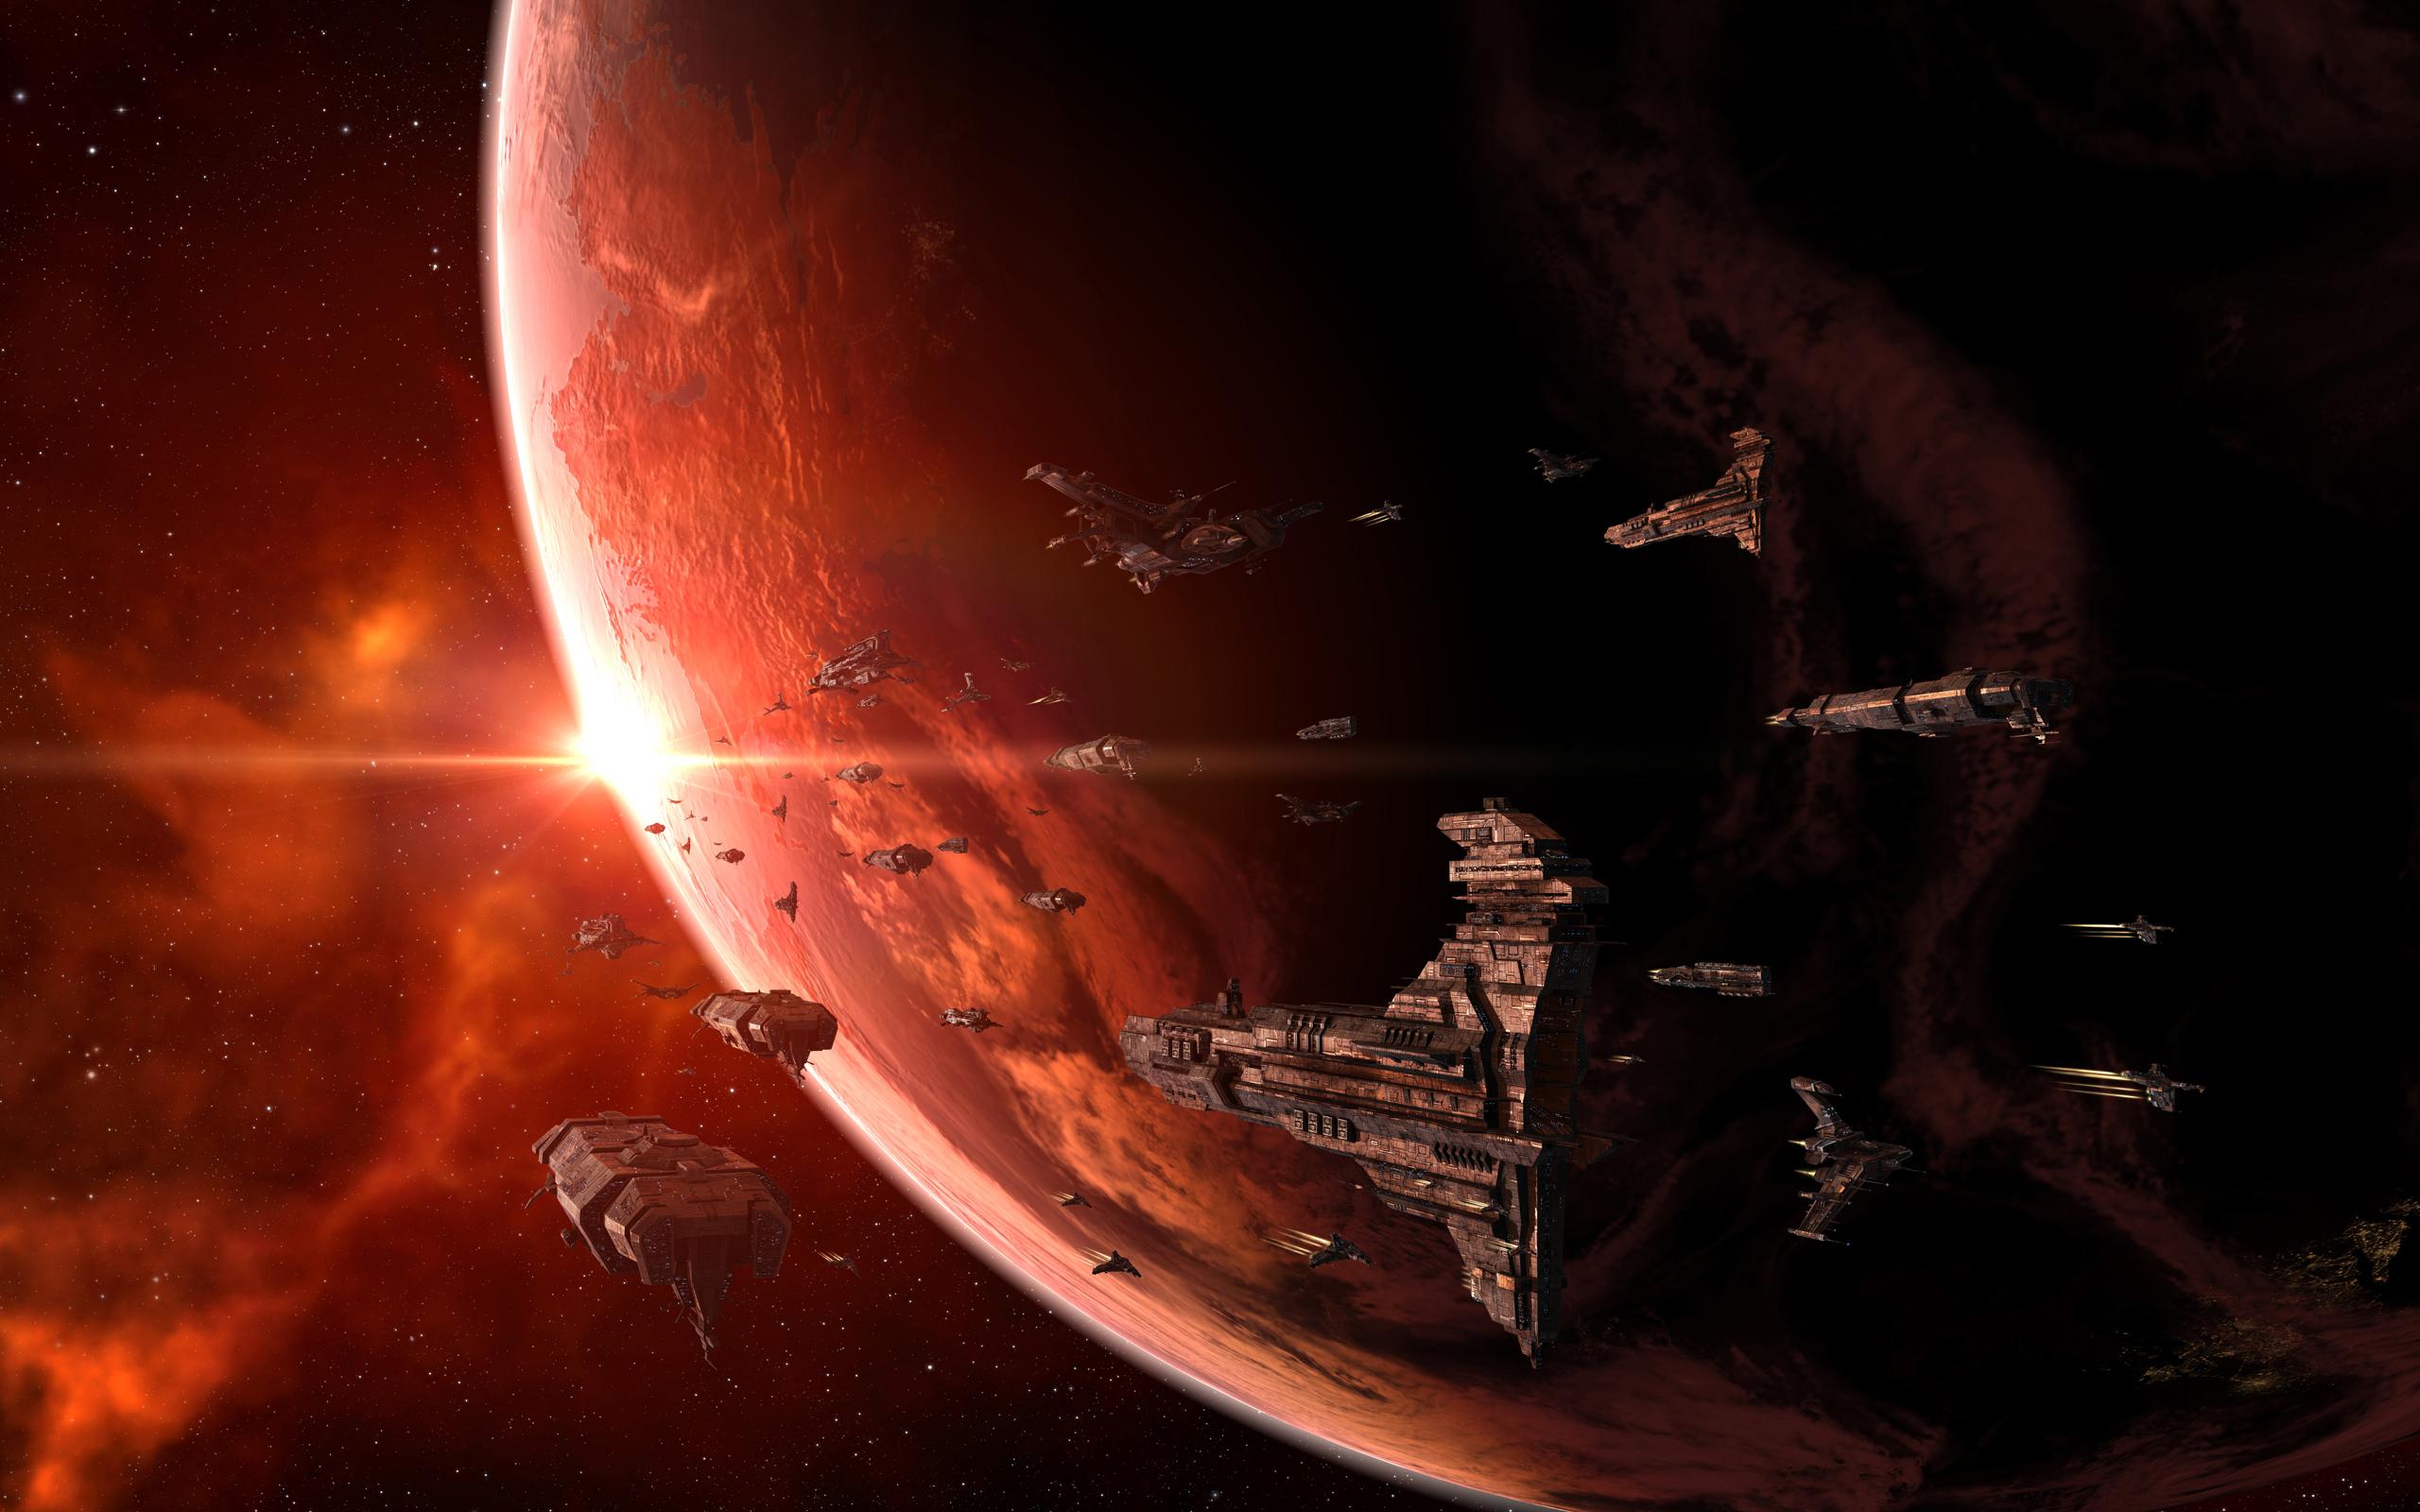 Обои космос планета корабль картинки на рабочий стол на тему Космос - скачать  № 3125488 бесплатно